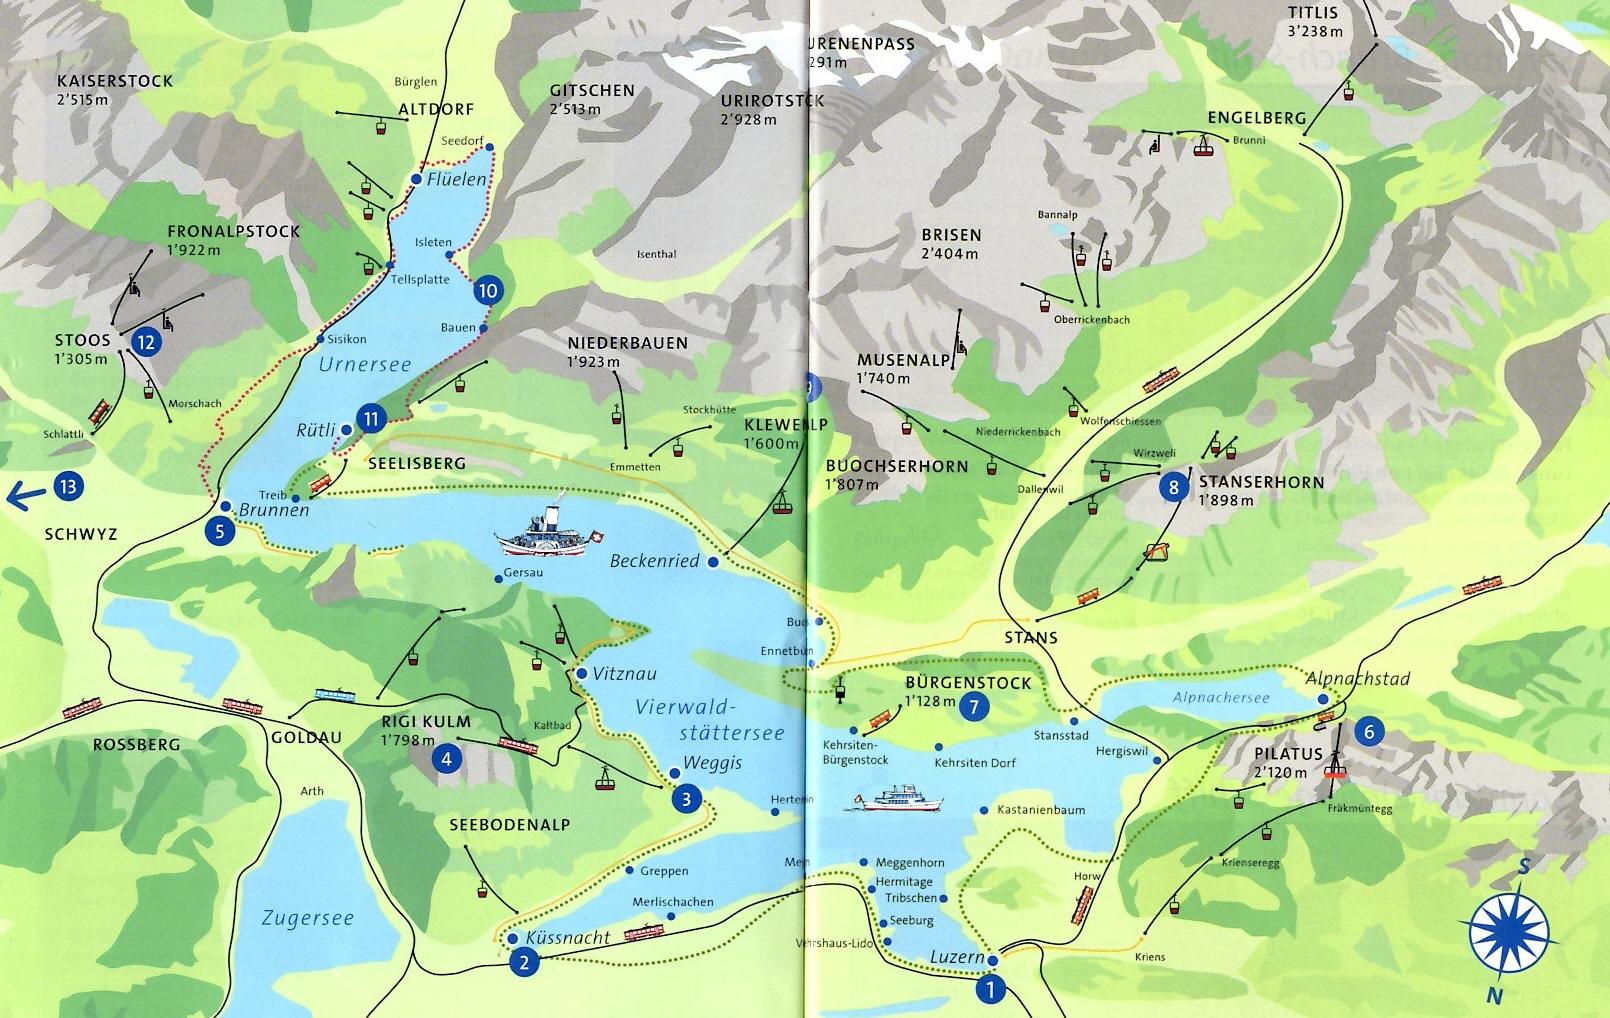 Plànol del llac del Quatre Cantons - Rigi